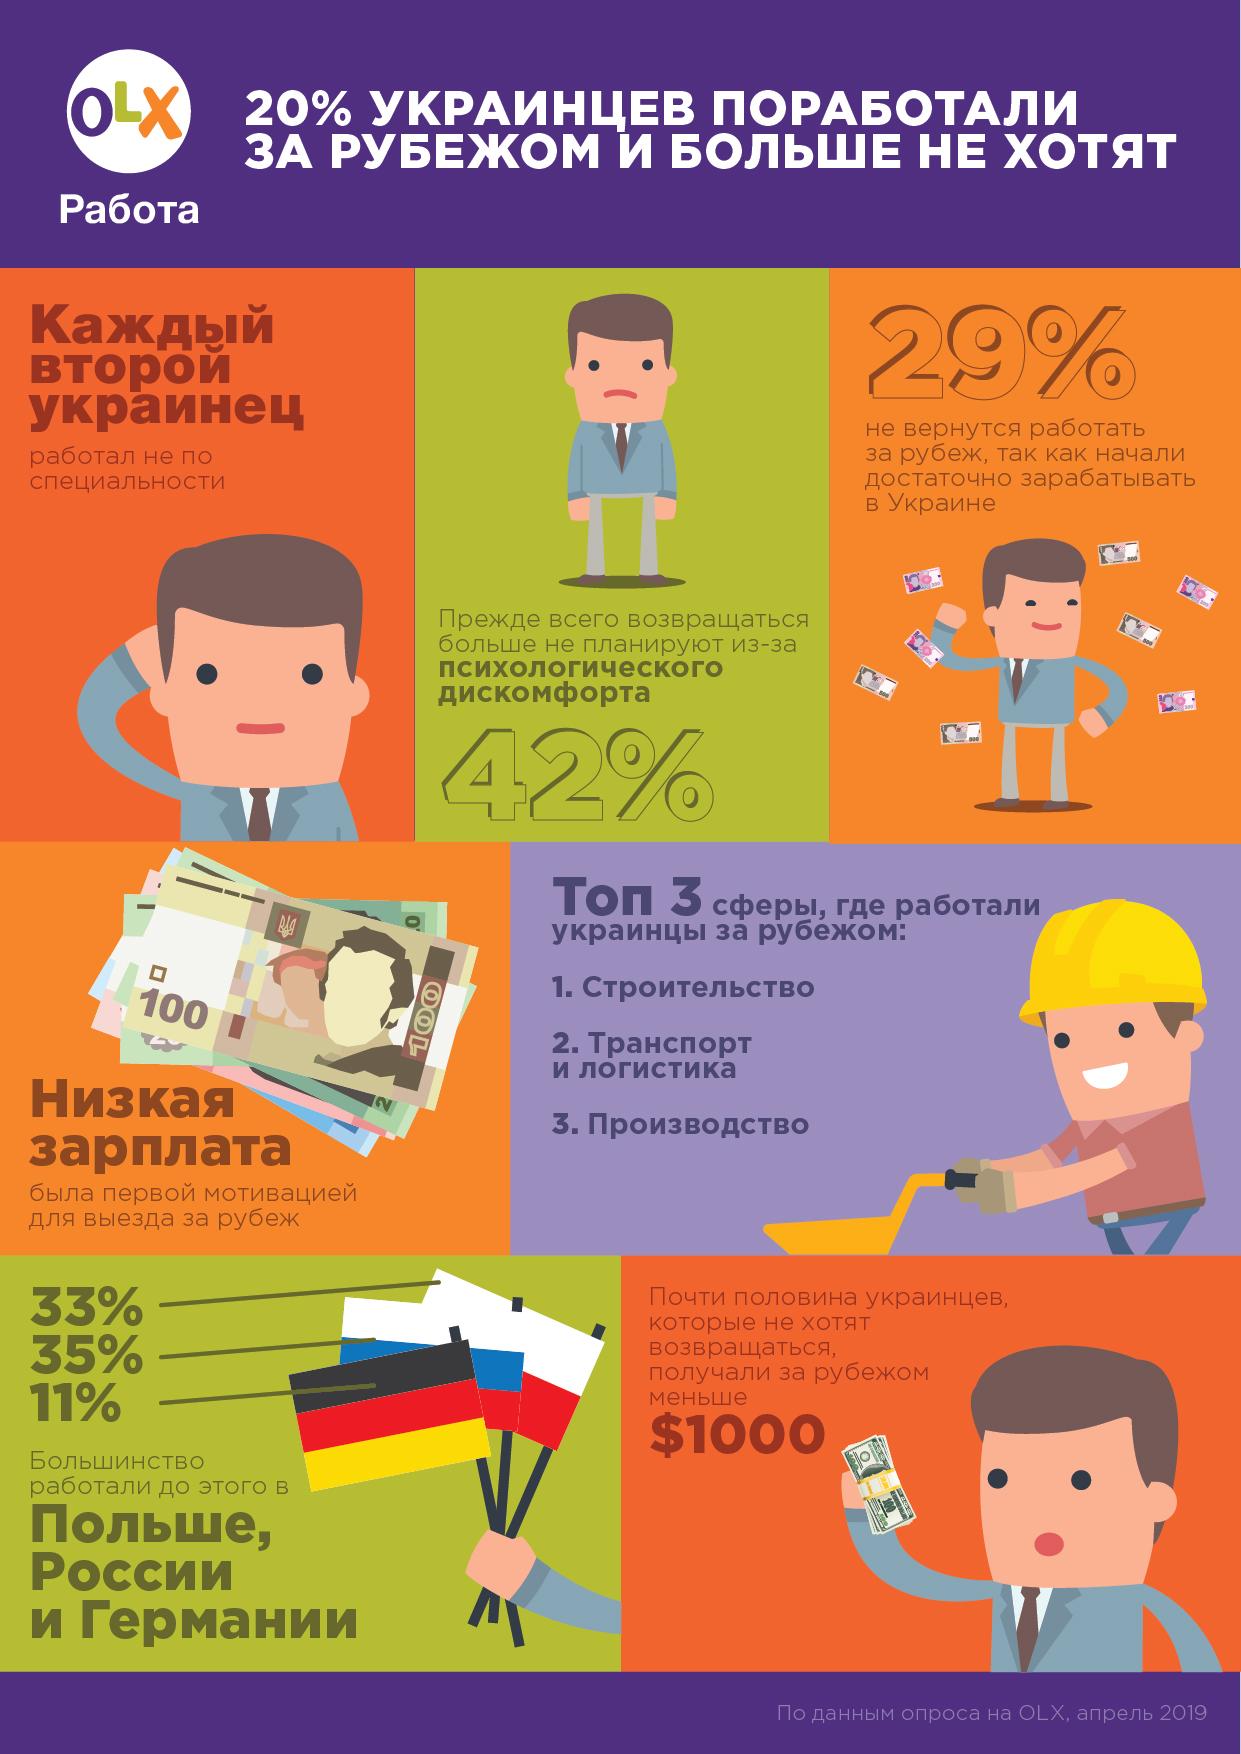 Опрос: 20% украинцев поработали за рубежом и больше не хотят